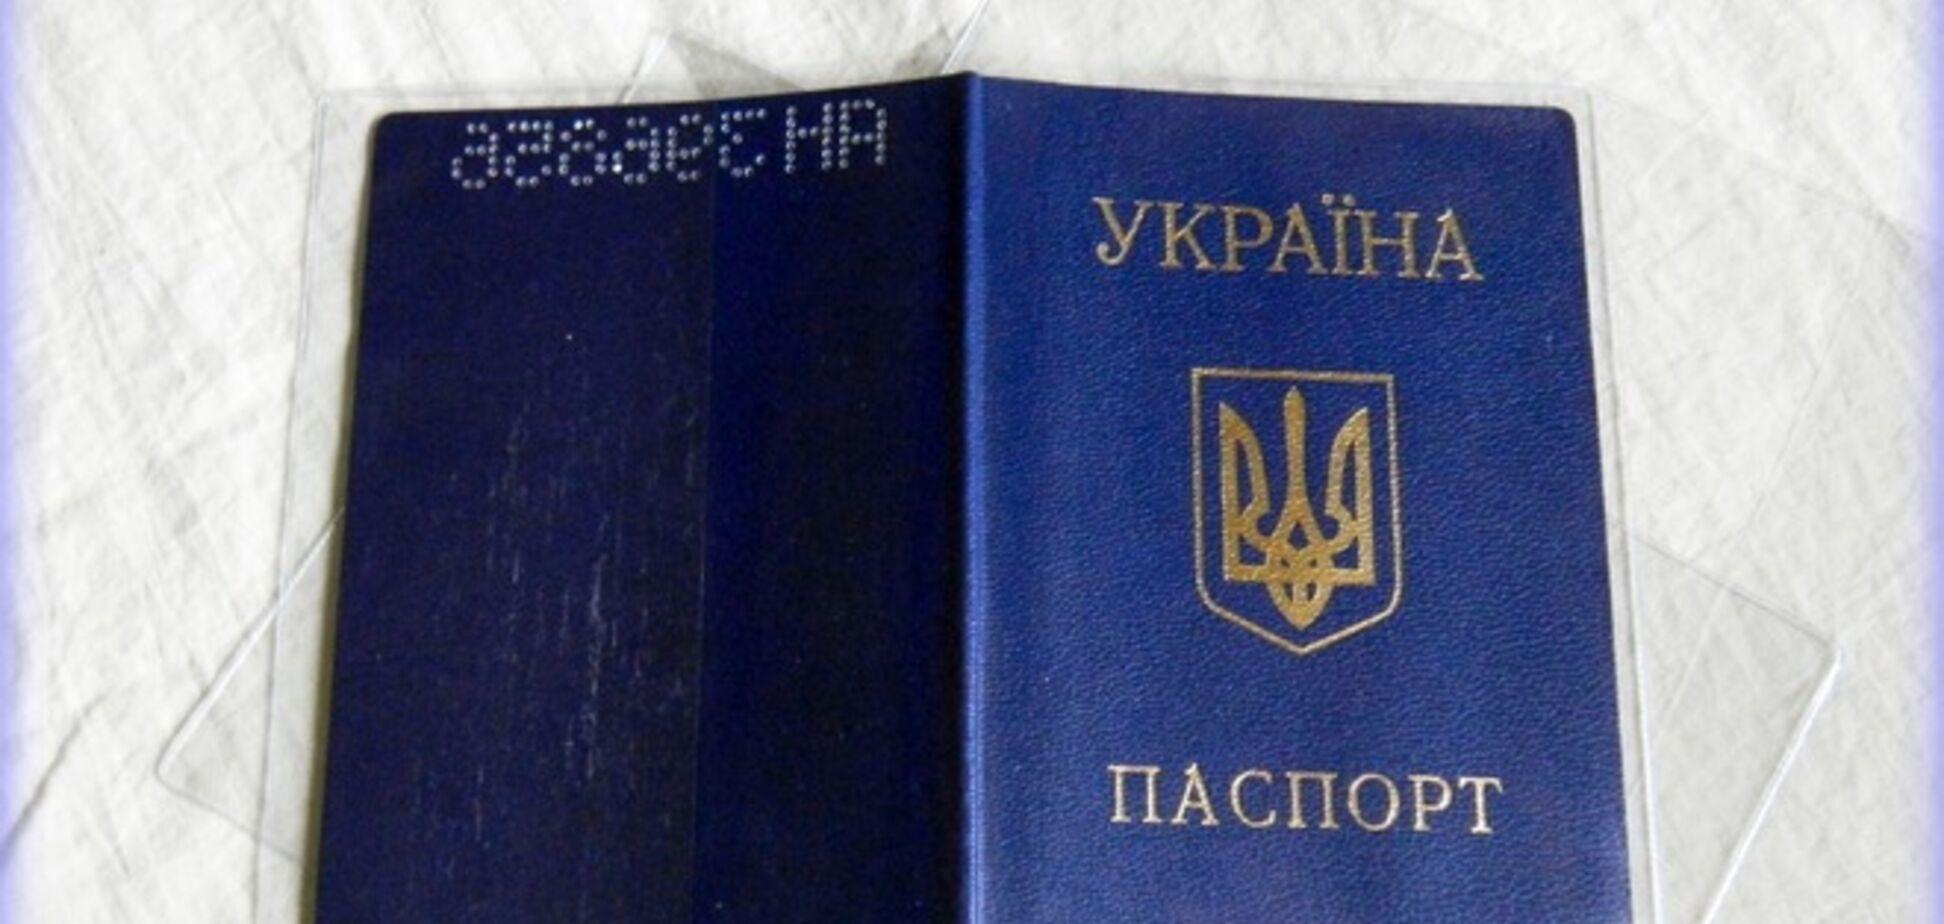 Крымчане начали массово восстанавливать украинские паспорта